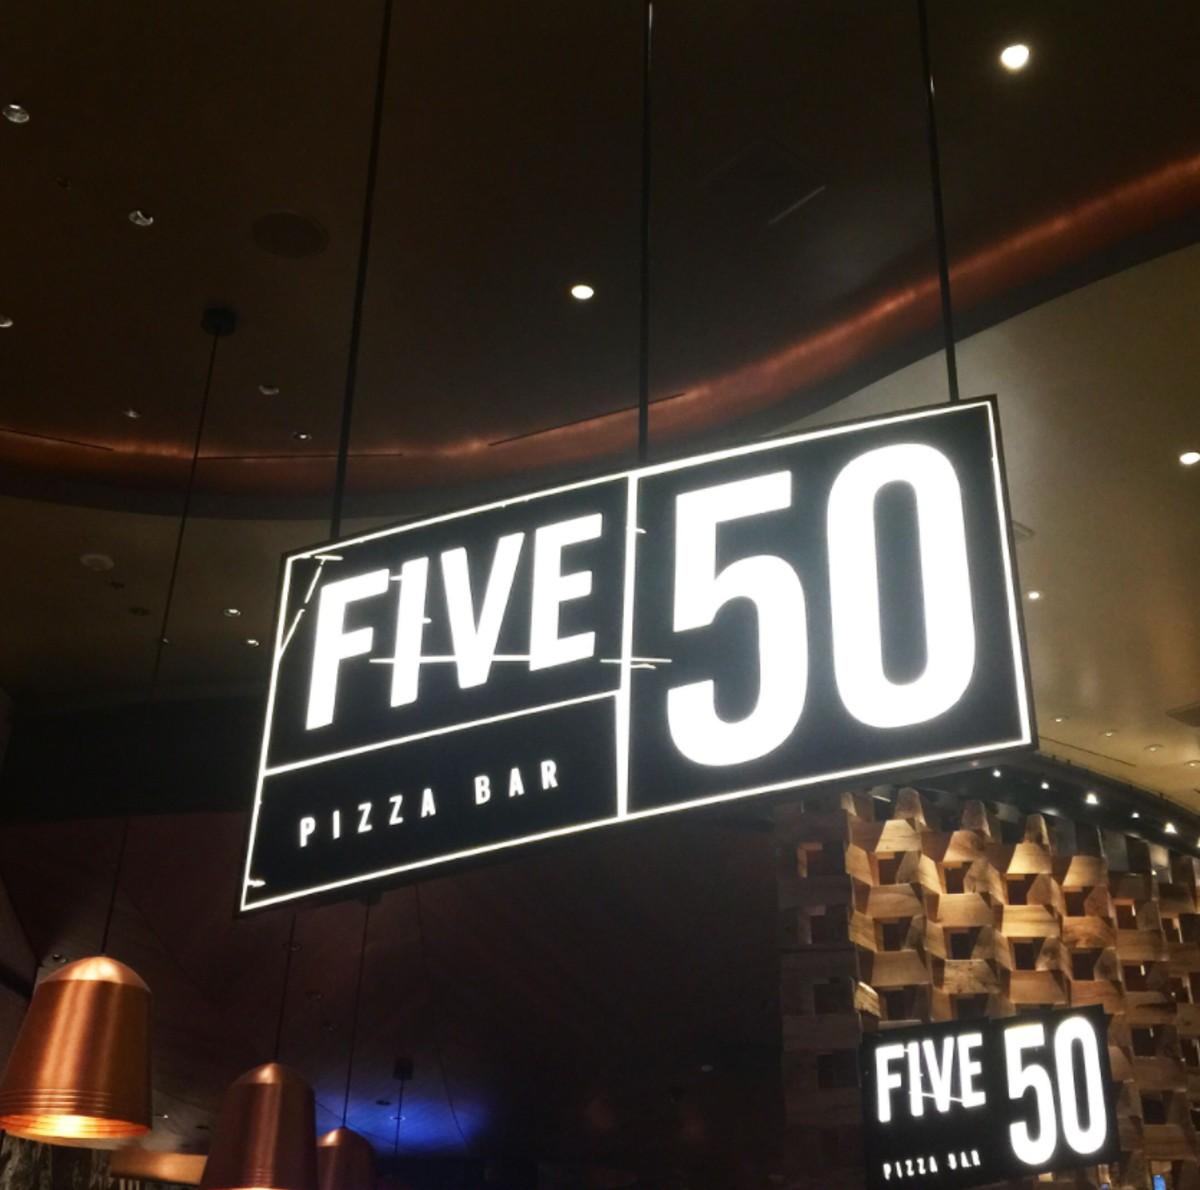 Five 50 Pizza bar